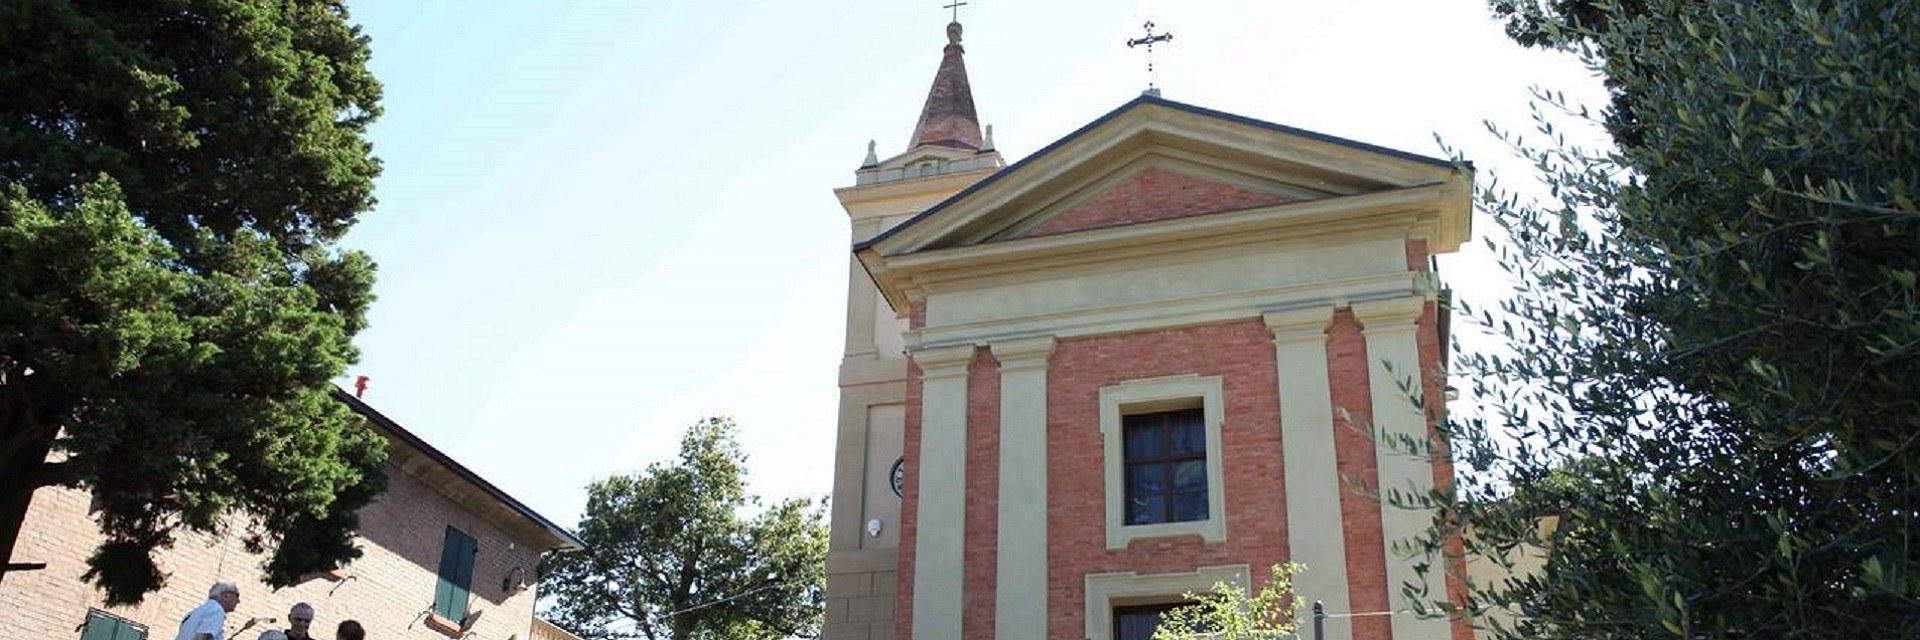 Chiesa parrocchiale di Nirano